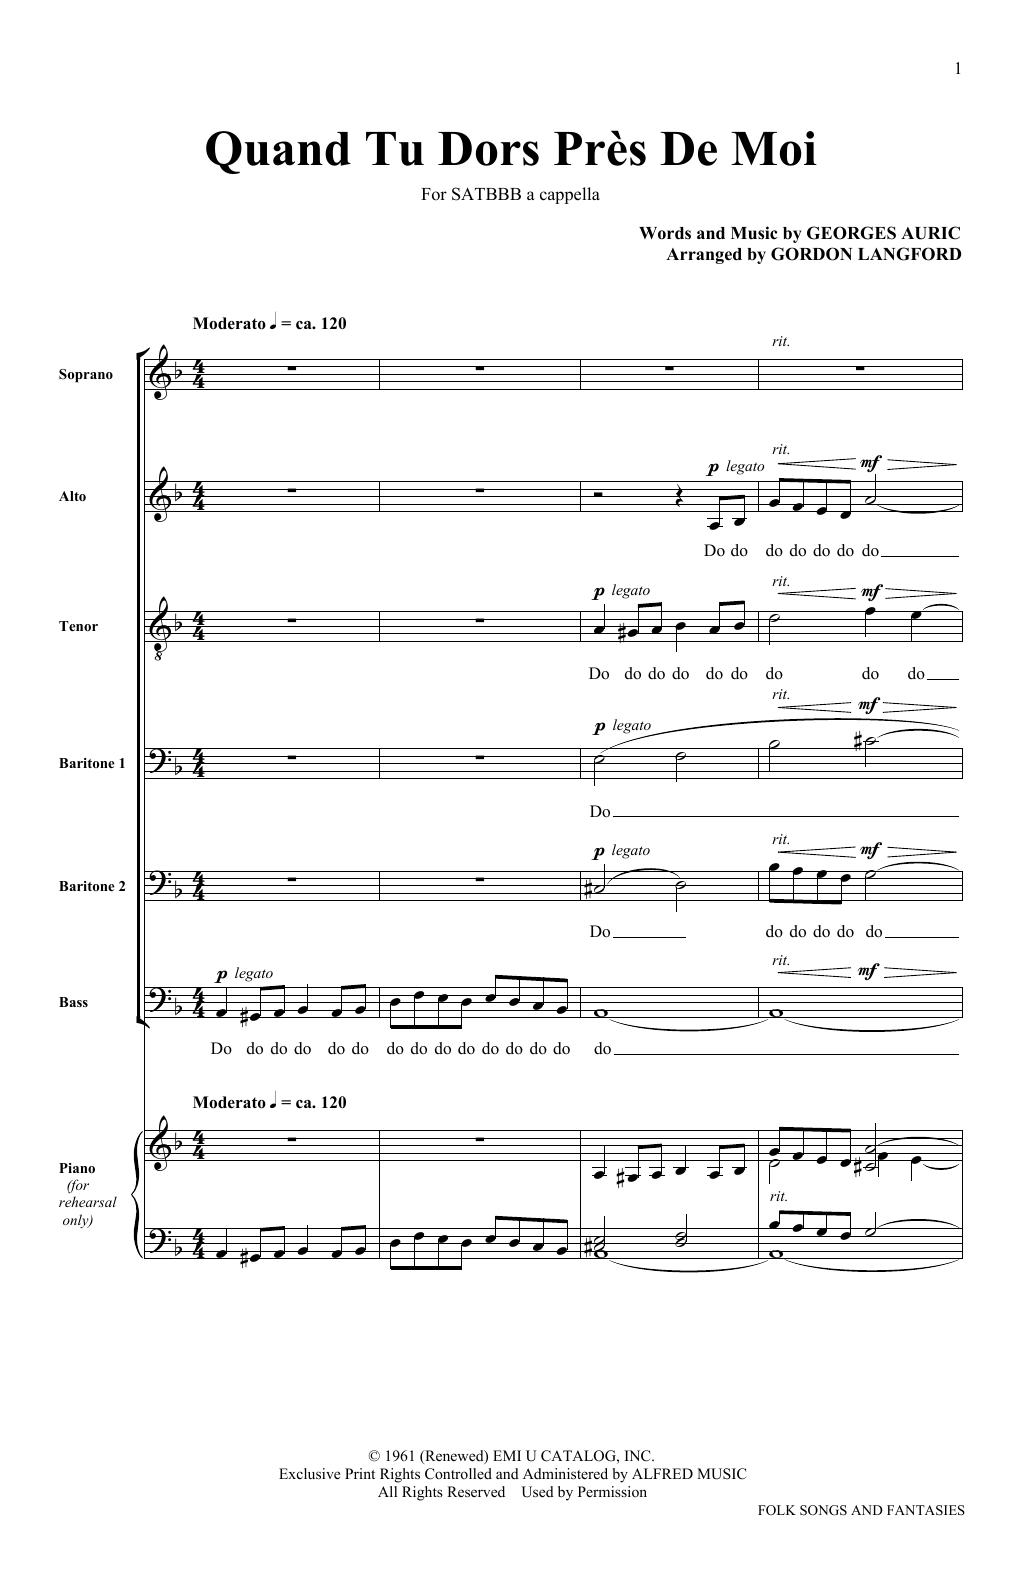 Quand Tu Dors Pres De Moi (SATB Choir)